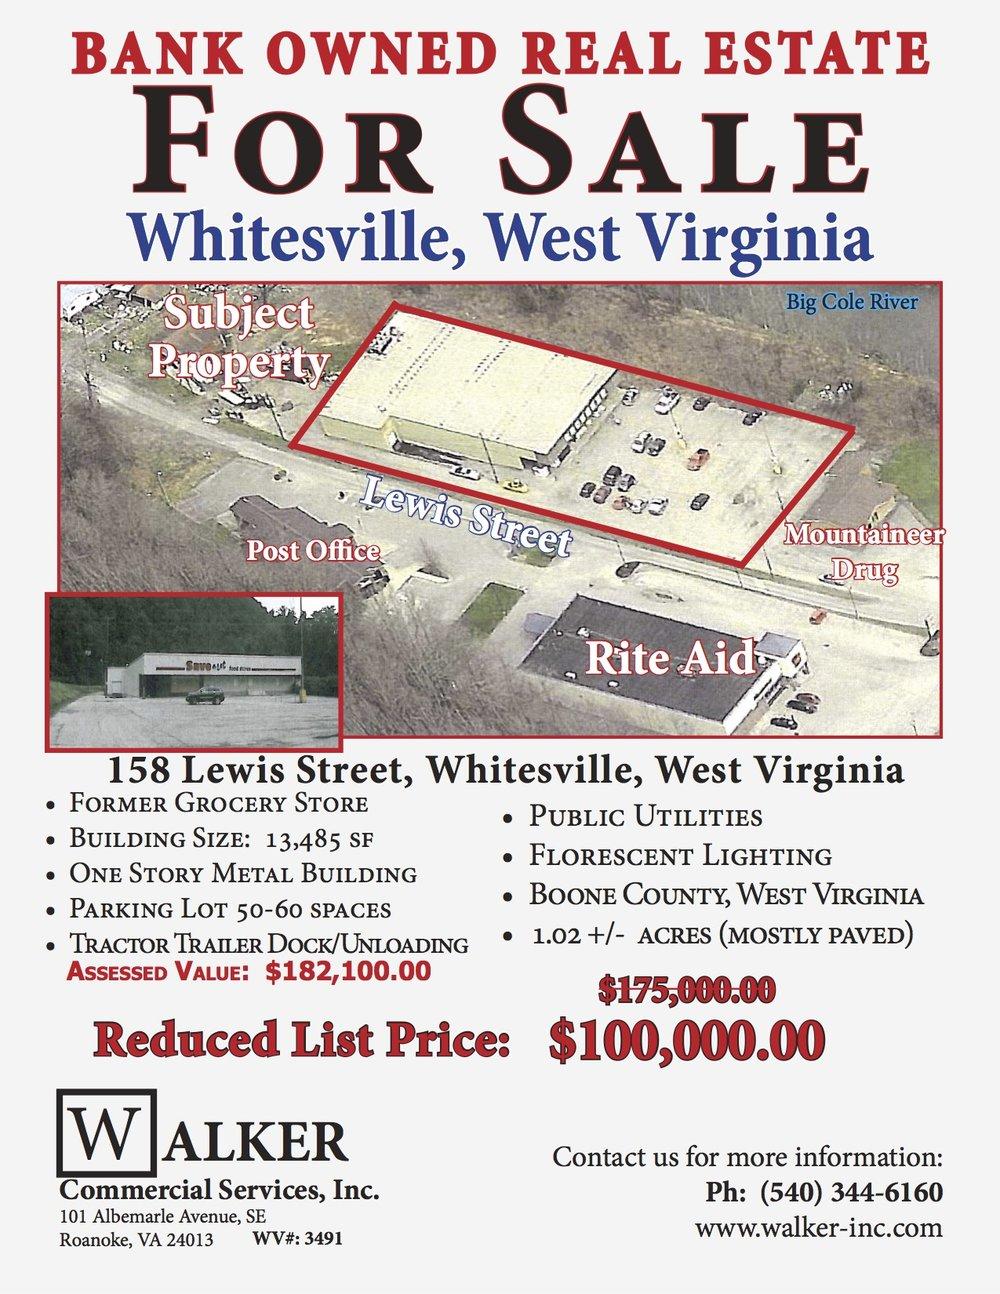 862_0_BBandT_-_Whitesville__WV.jpg